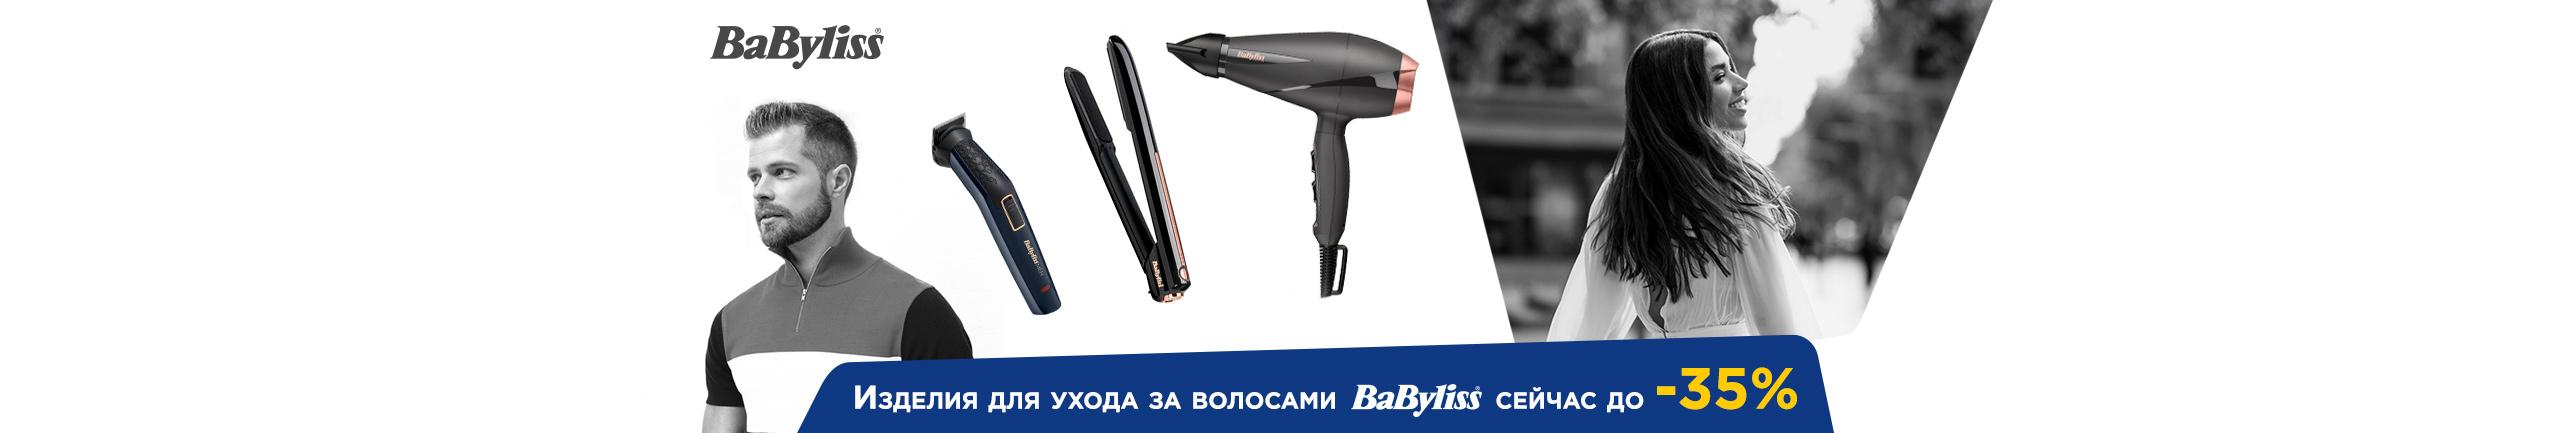 Изделия для ухода за волосами Babyliss сейчас до -35%!